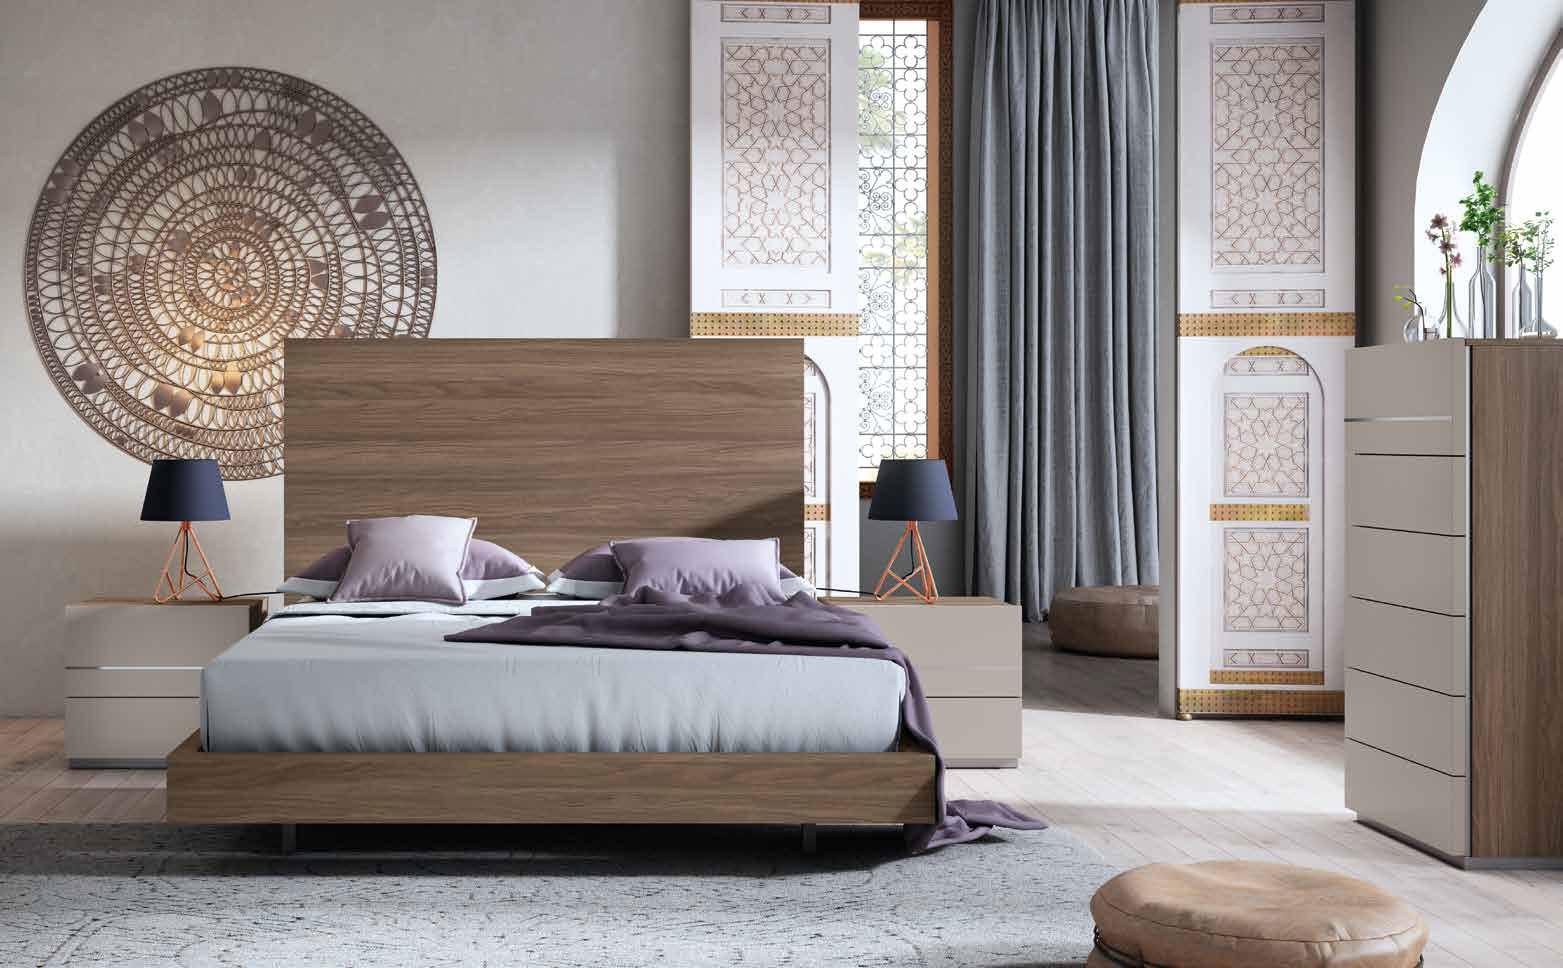 creta-dormitorio-hades-36